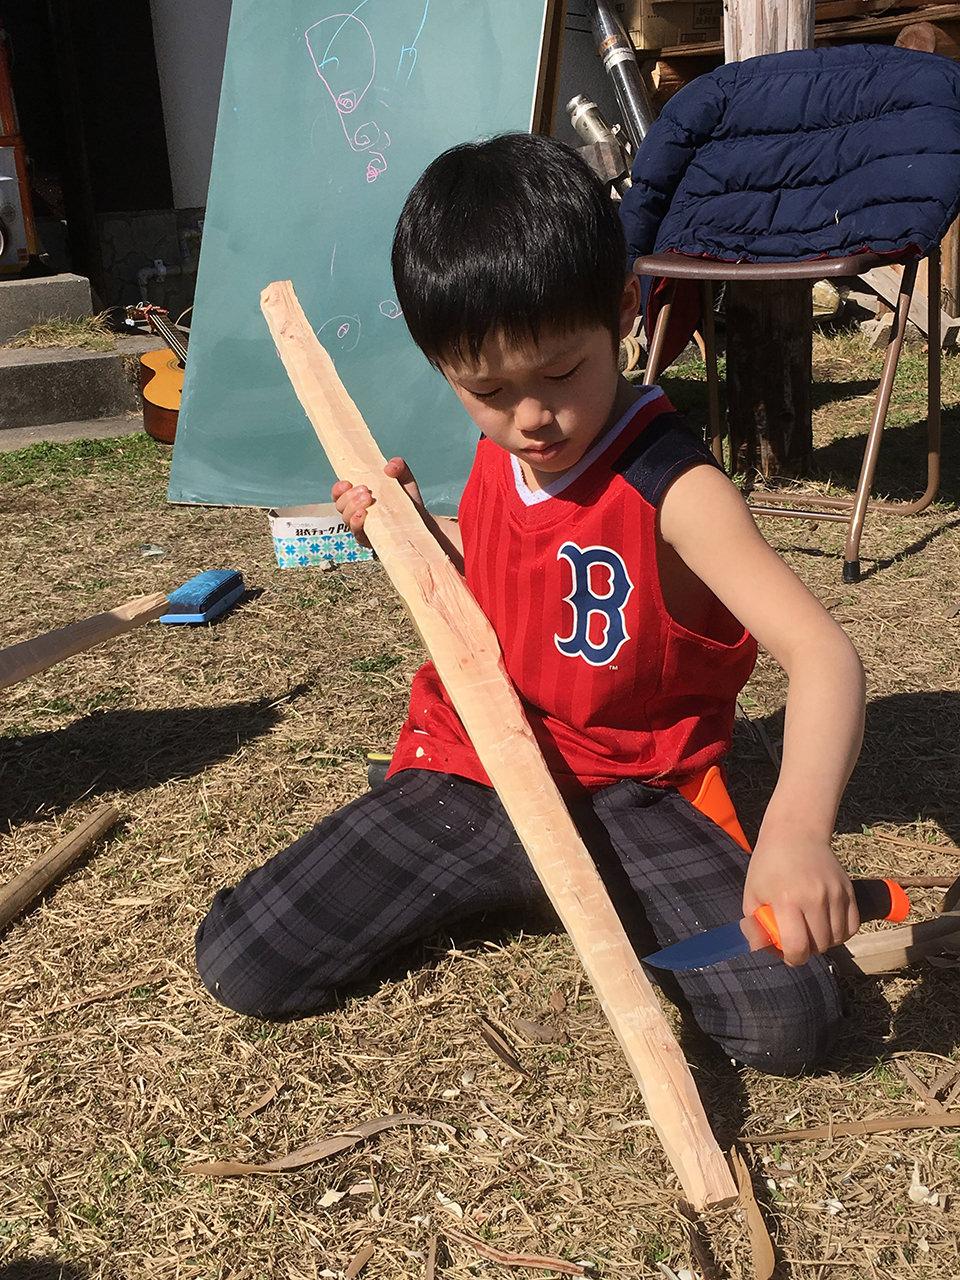 ヤブツバキからの弓矢作りワークショップ、人生観の変わる2日間でした!